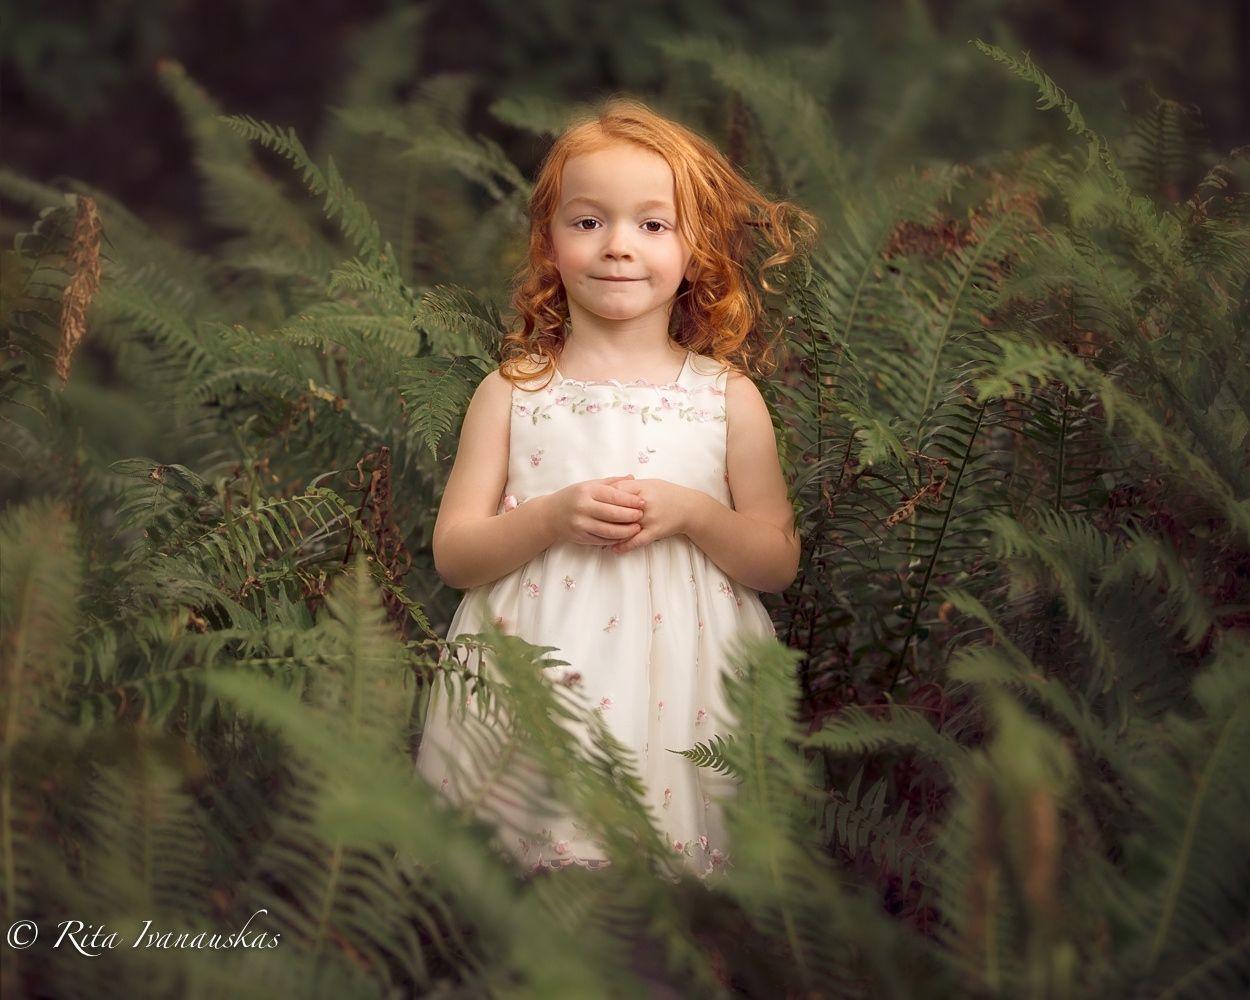 Fairy Princess by Rita Ivanauskas on 500px